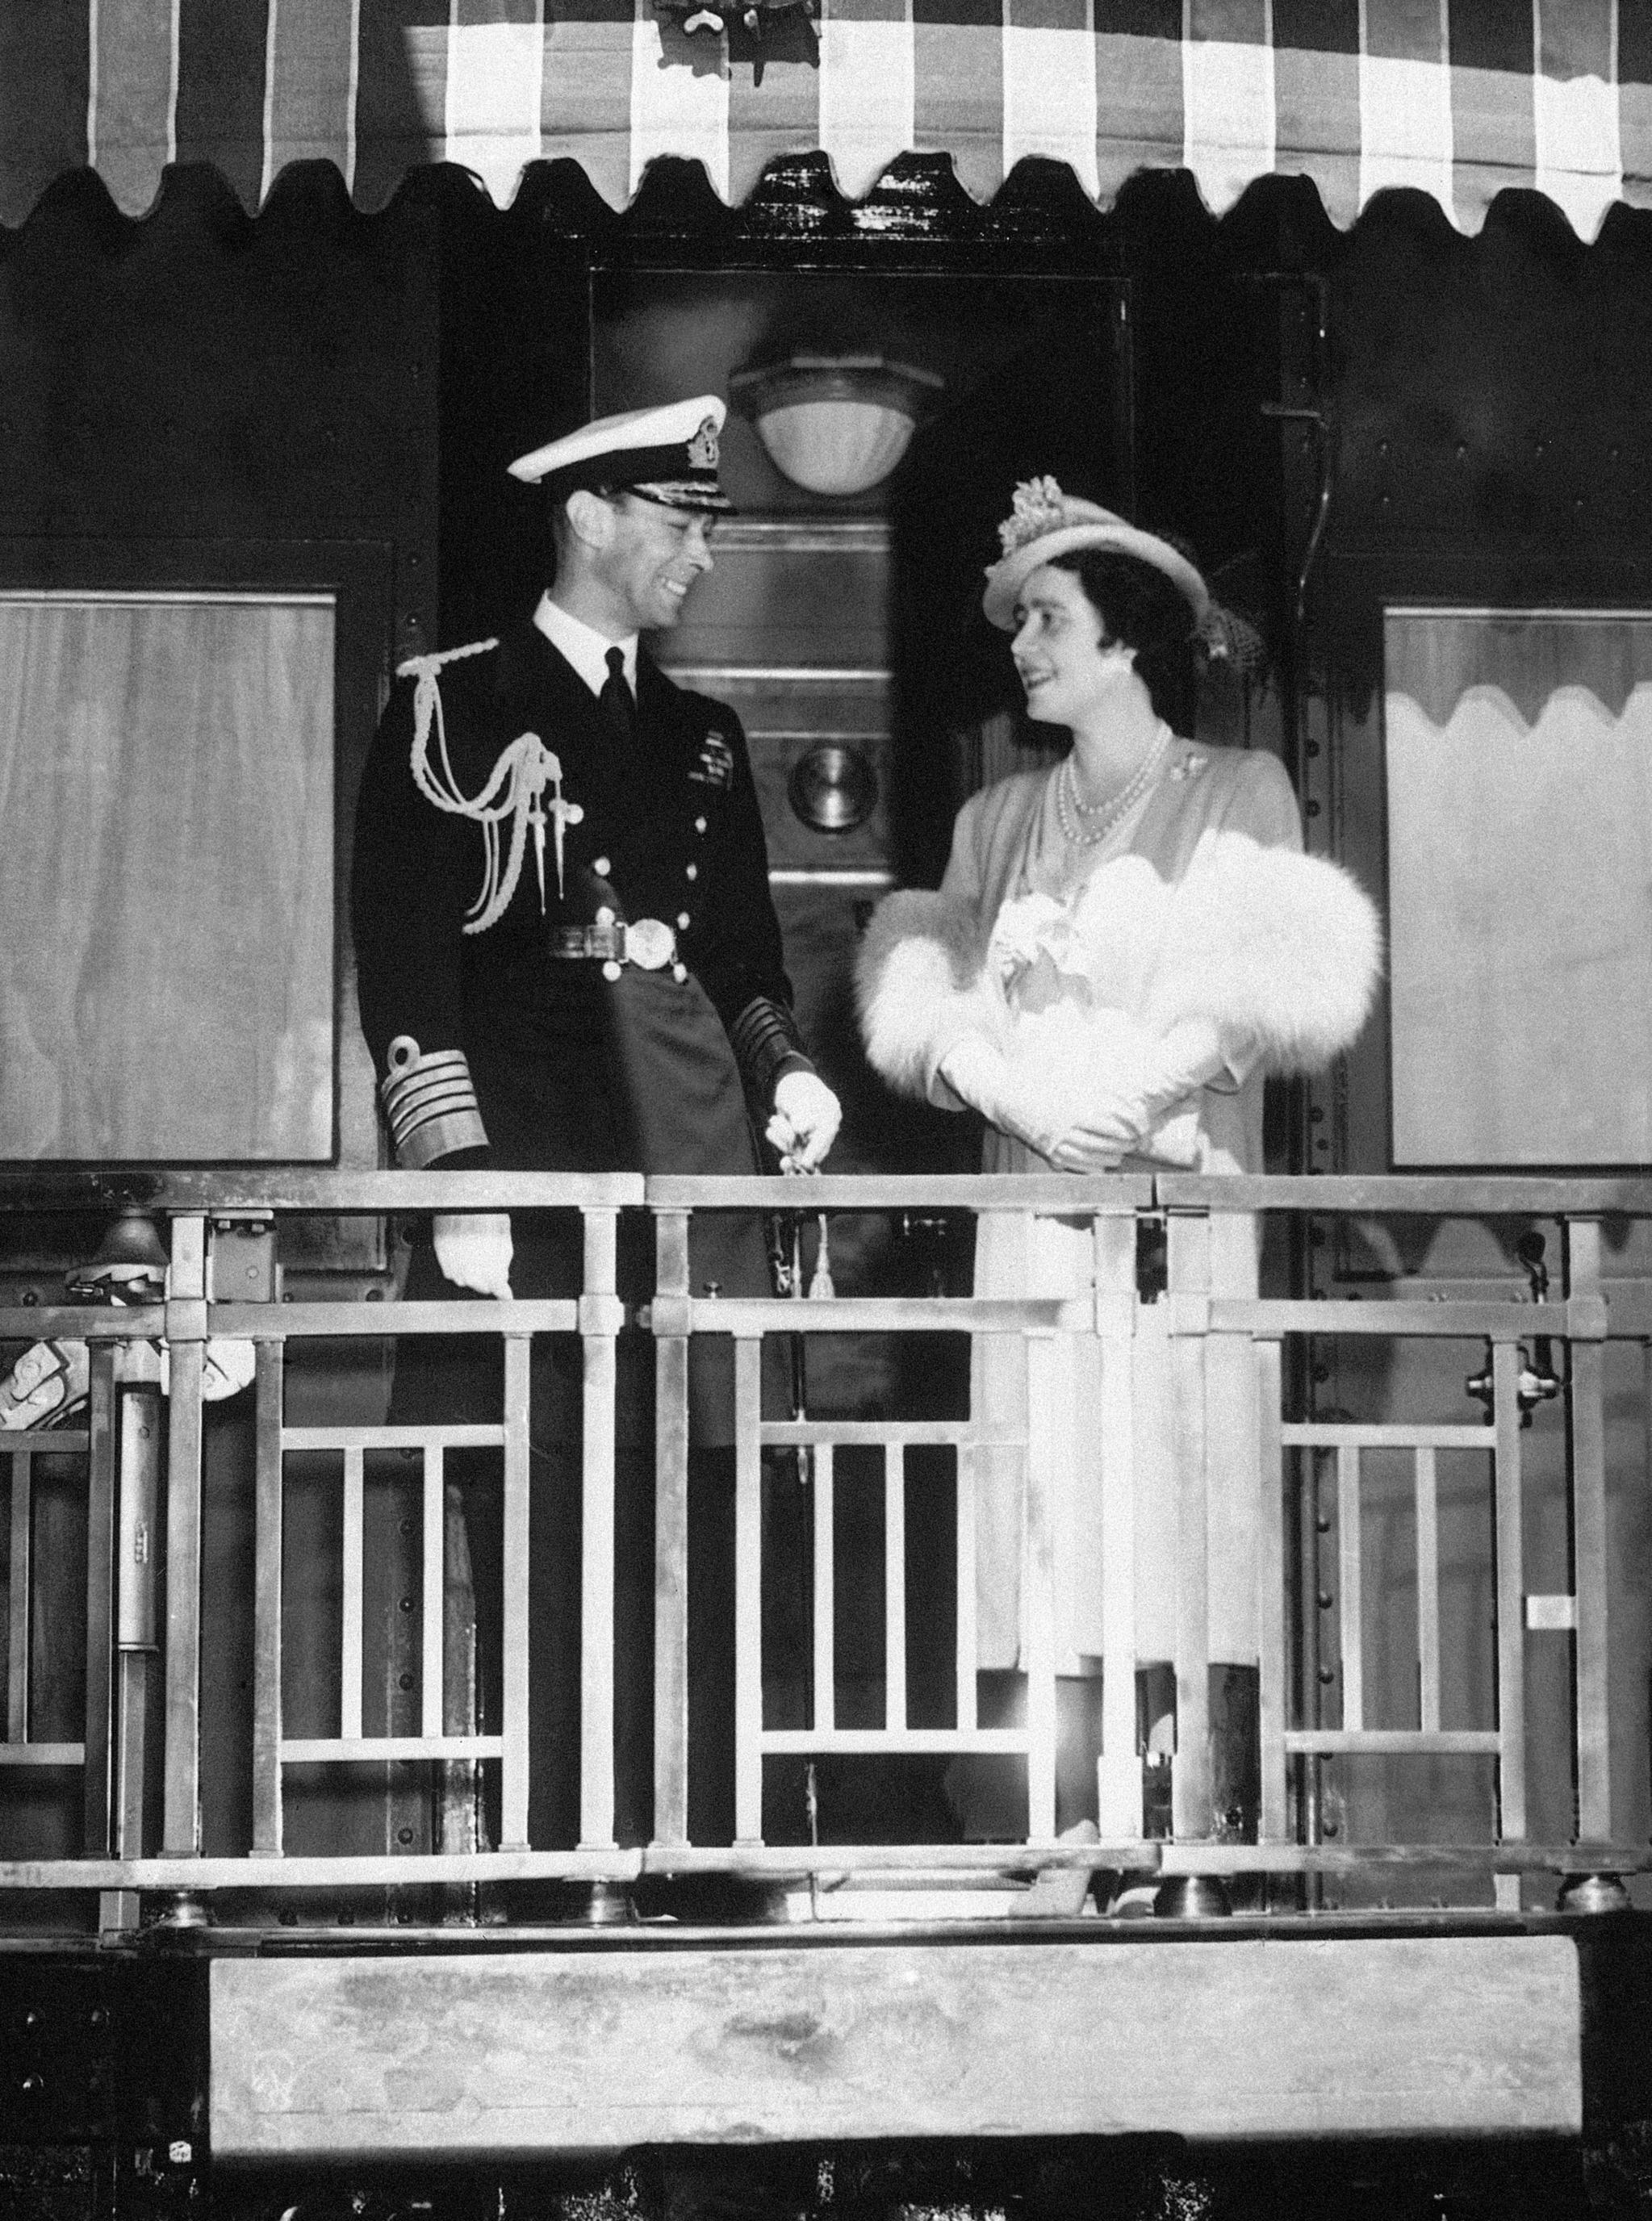 영국 왕 조지 6세와 엘리자베스 여왕이 1939년 5월23일 왕립 열차를 타고 캐나다 퀘벡에서 몬트리올과 서쪽 해안으로 가는 도중 열차 후미에 나와 이야기를 하고 있다. [AP=연합뉴스]